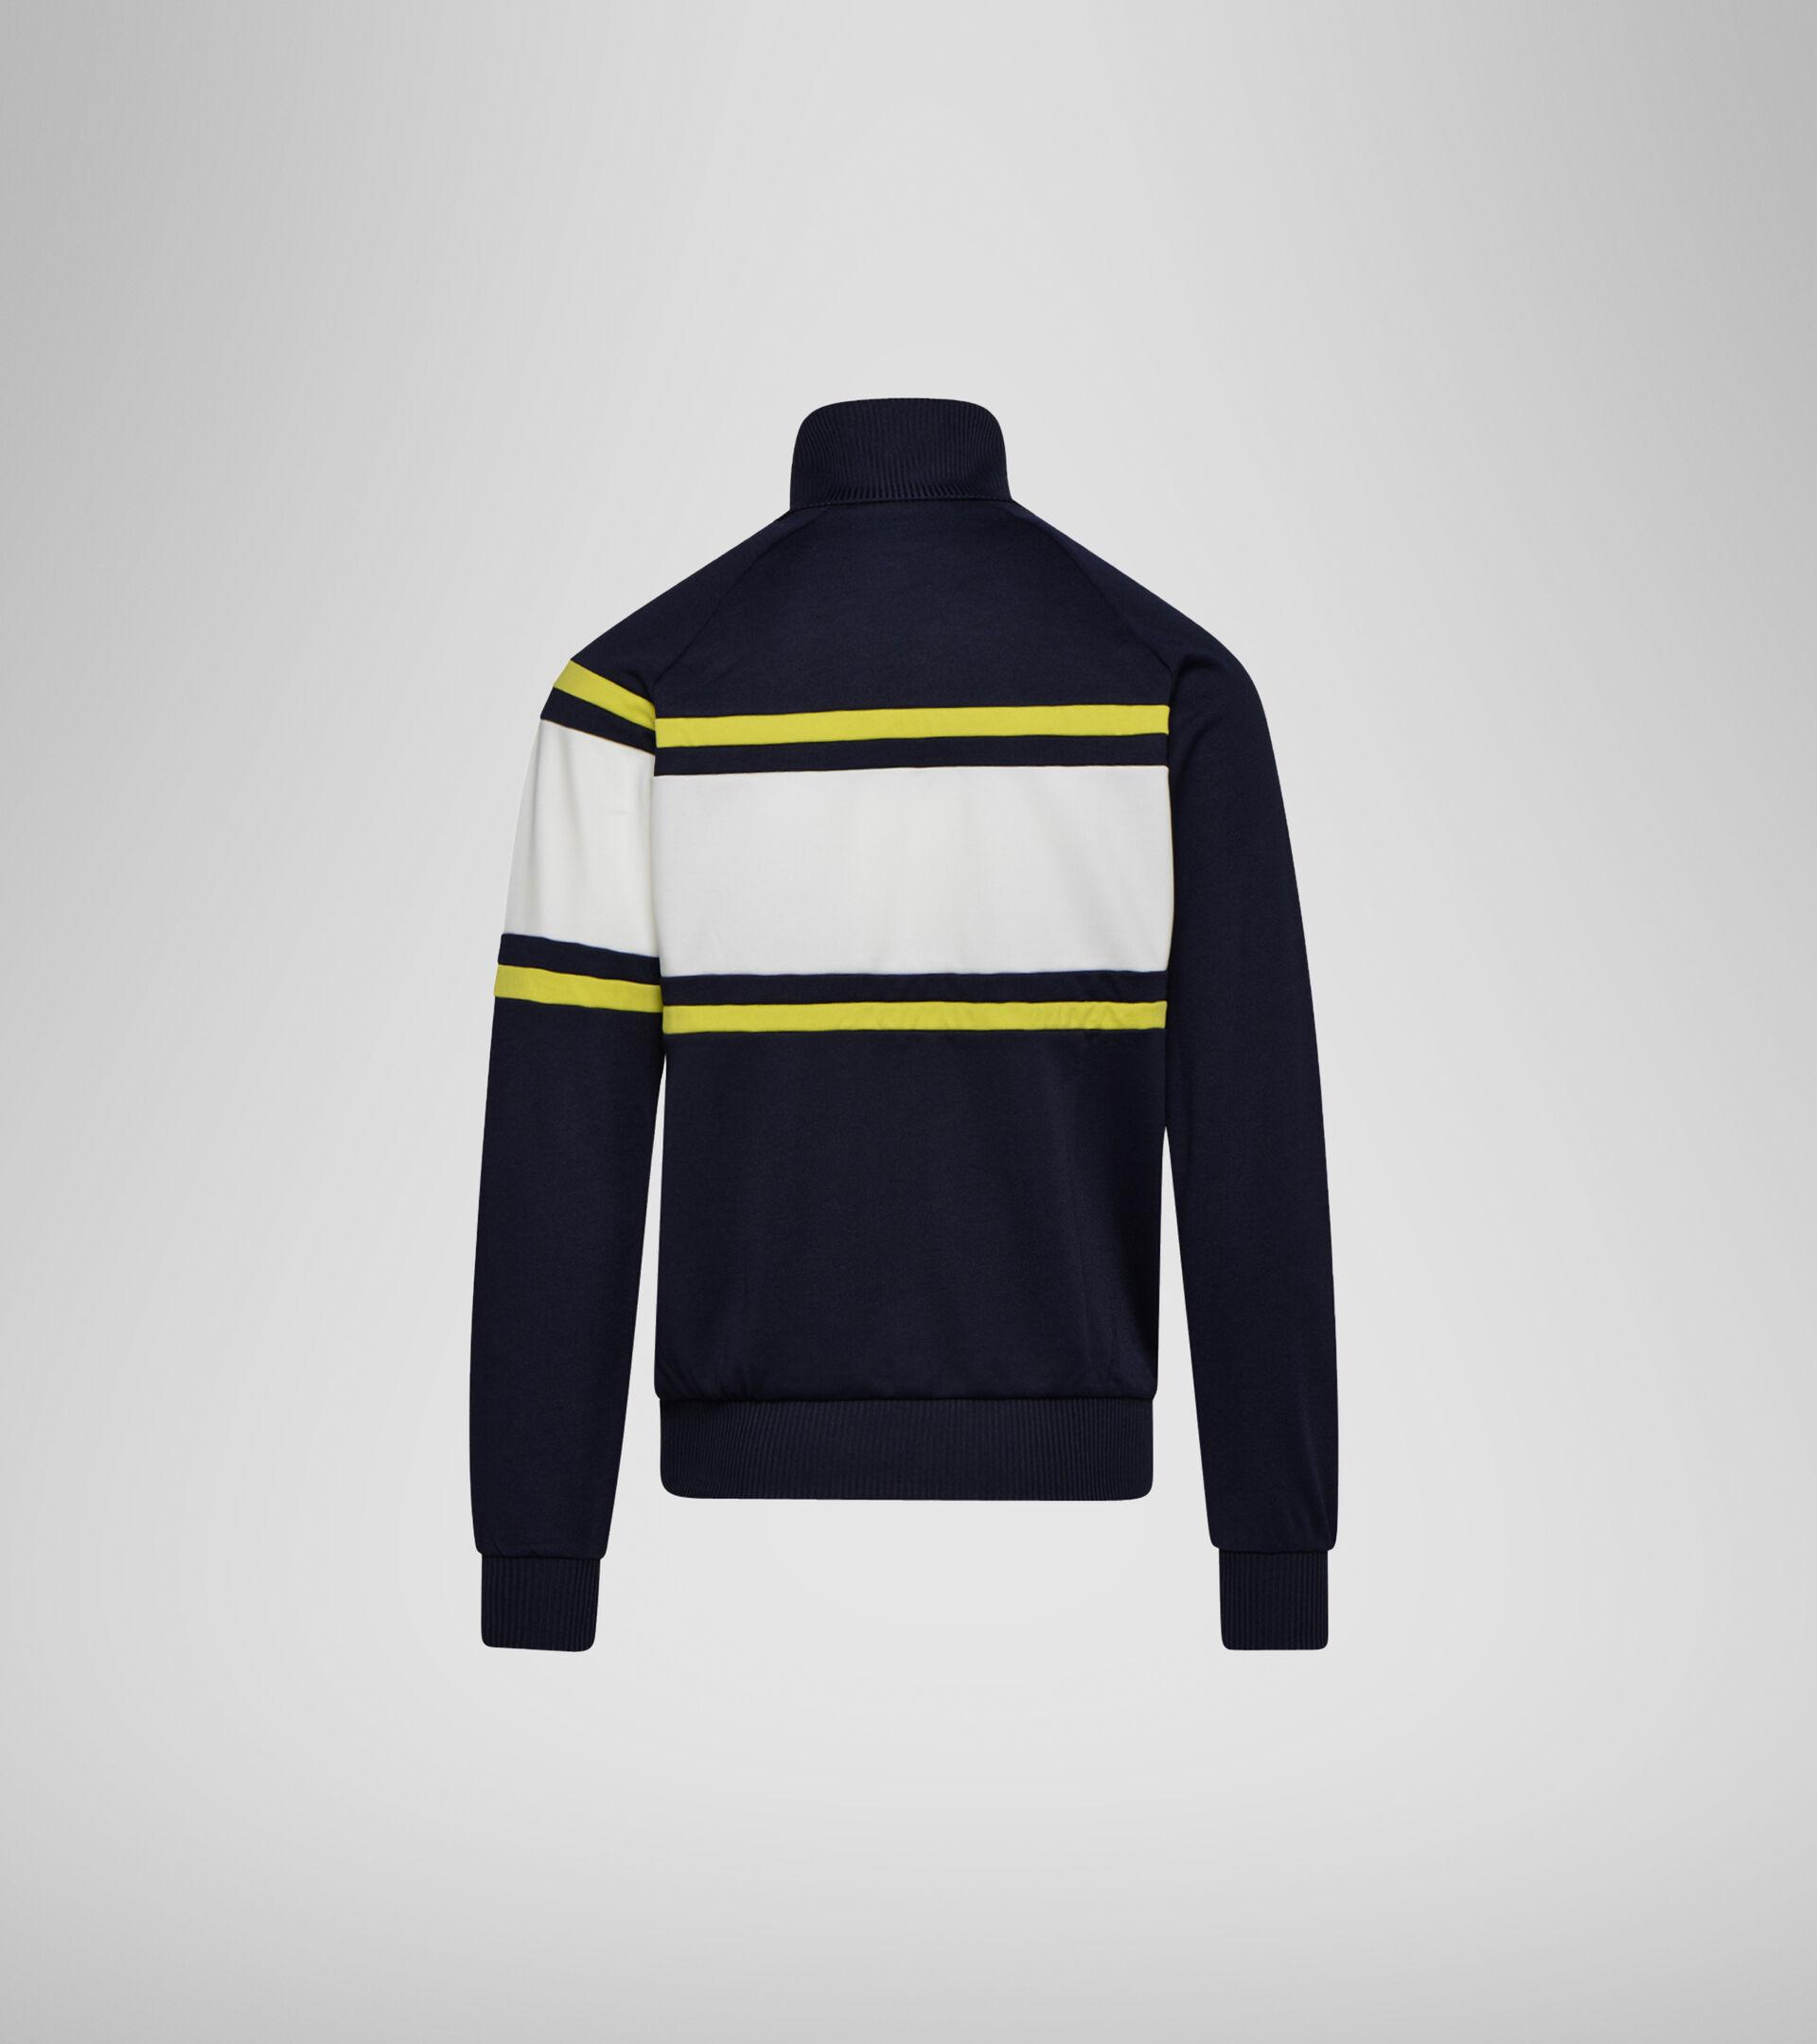 Giacca sportswear - Unisex JACKET 80S BLU CLASSICO - Diadora